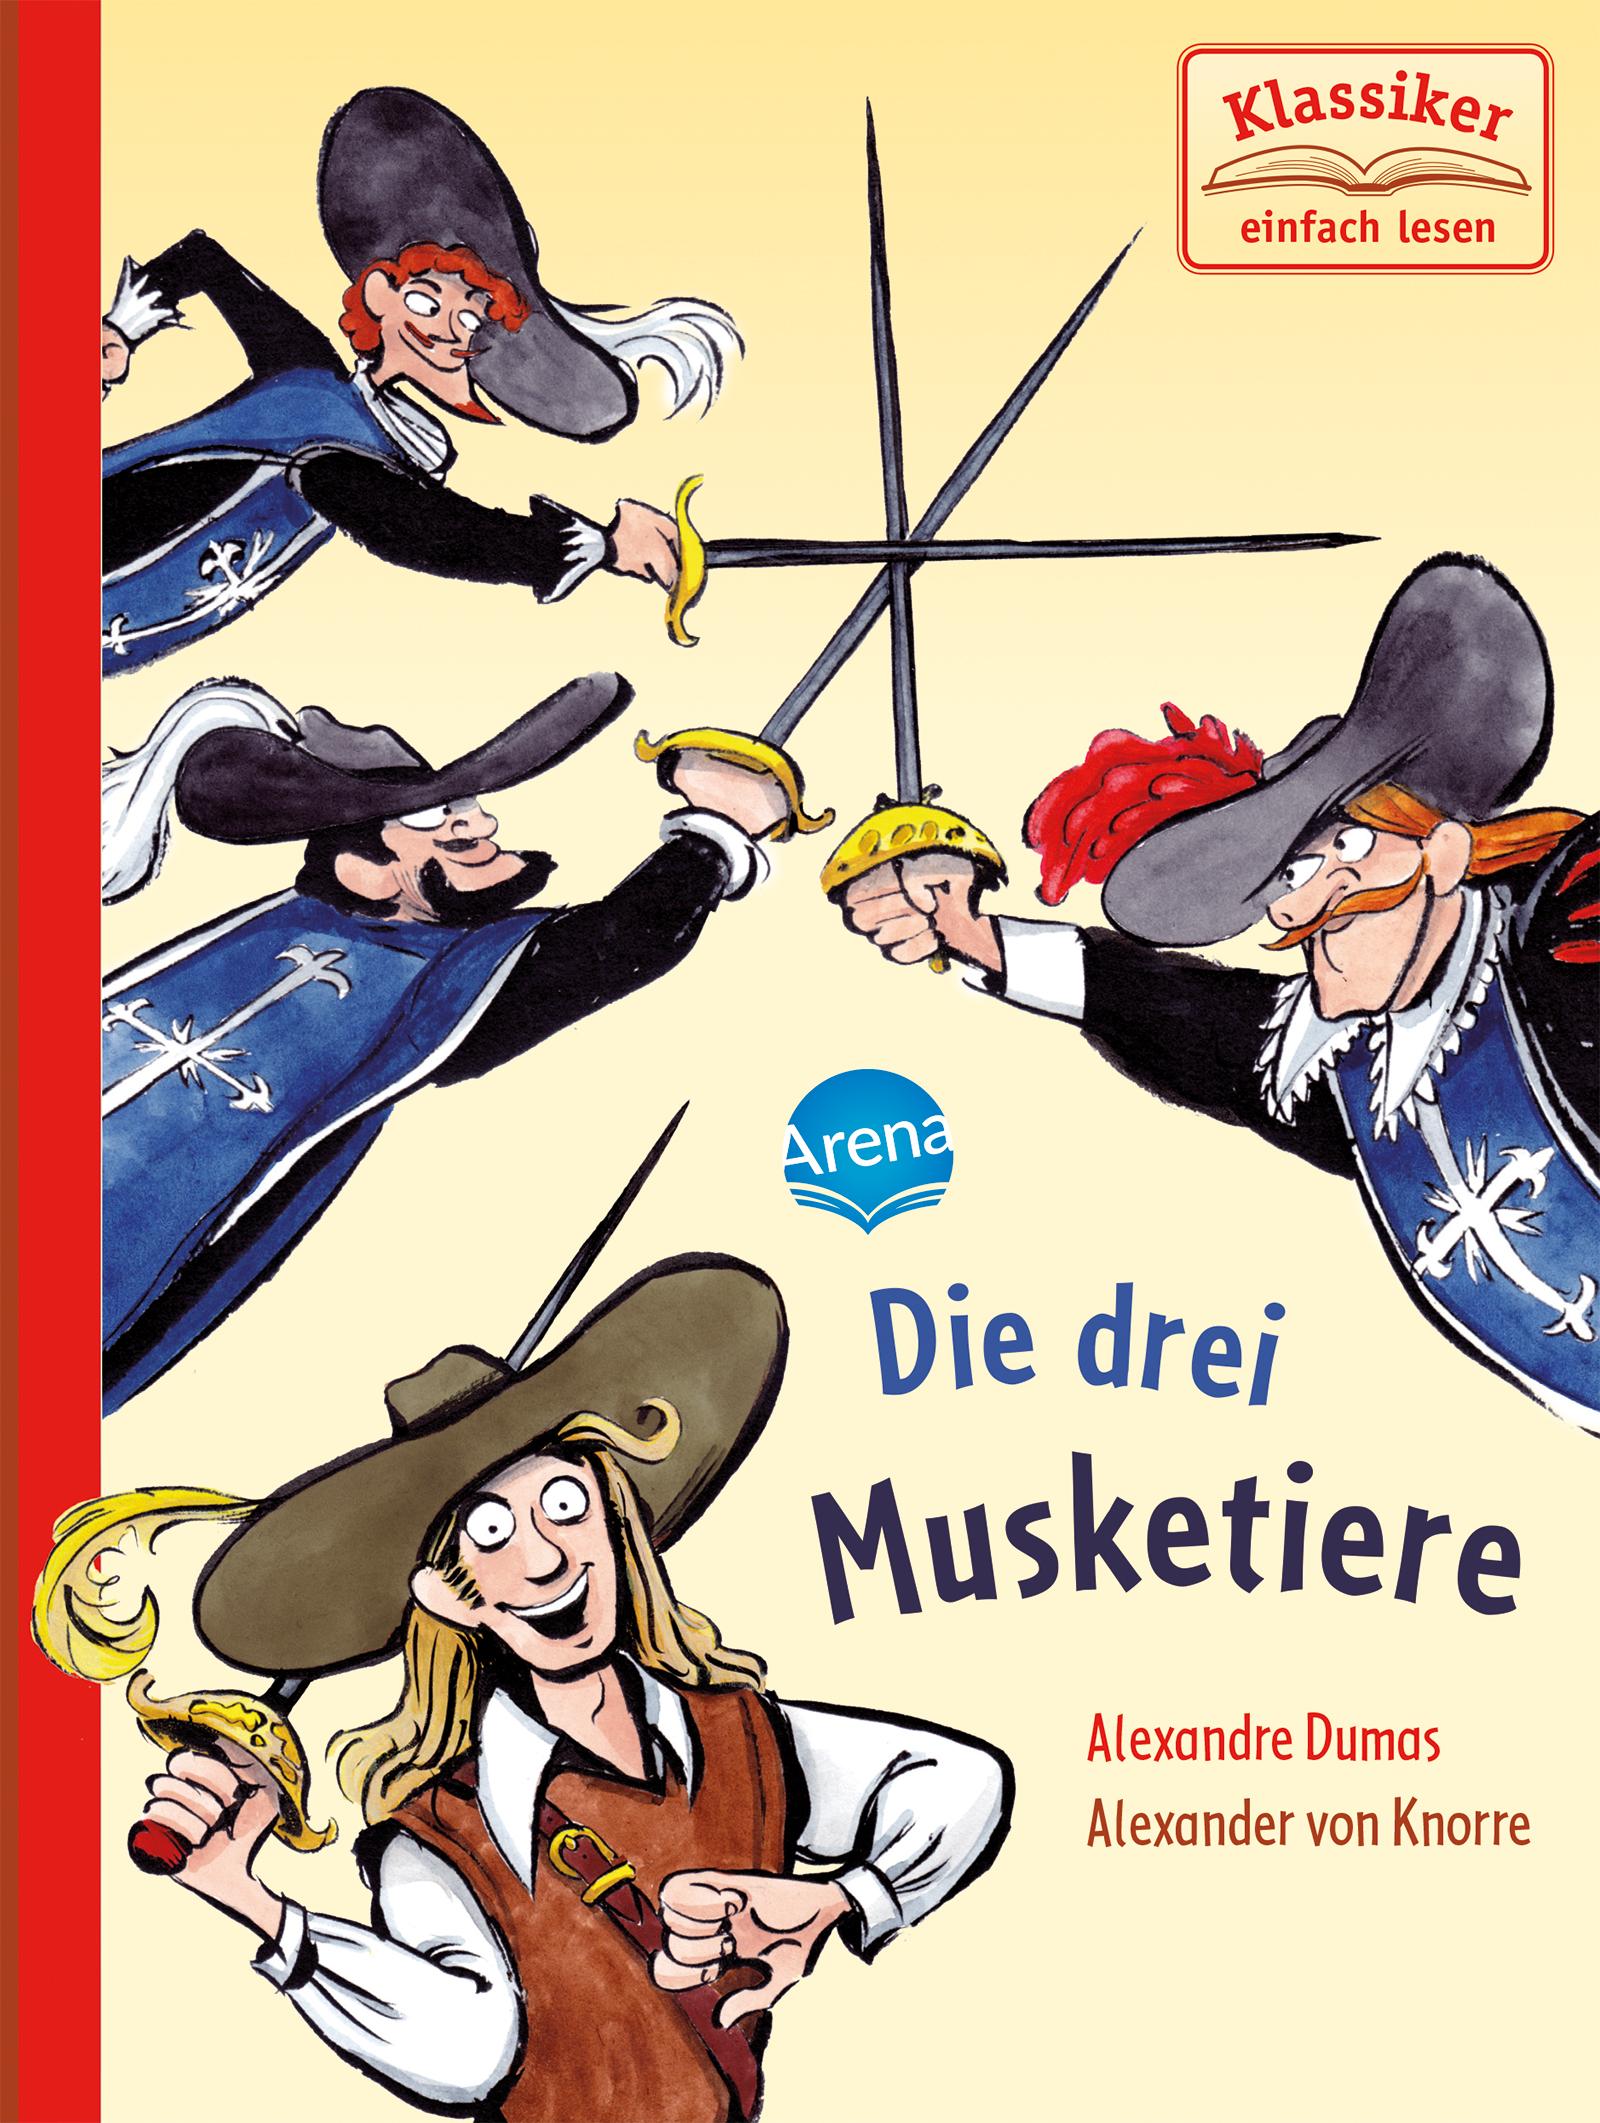 autor der musketiere